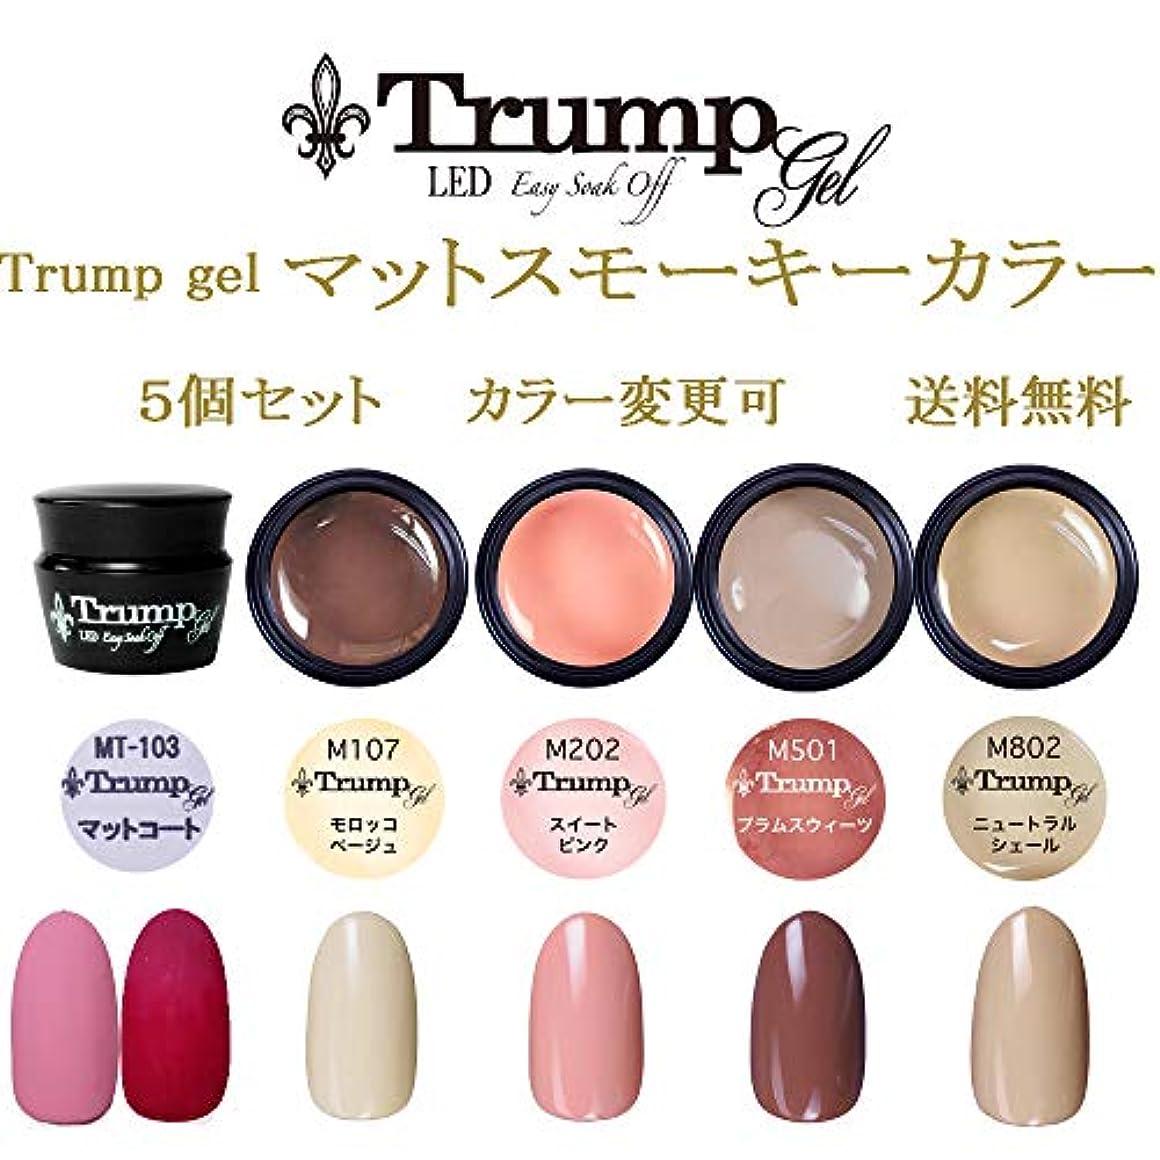 連帯確かにフラスコ【送料無料】Trumpマットスモーキーカラー選べる カラージェル5個セット